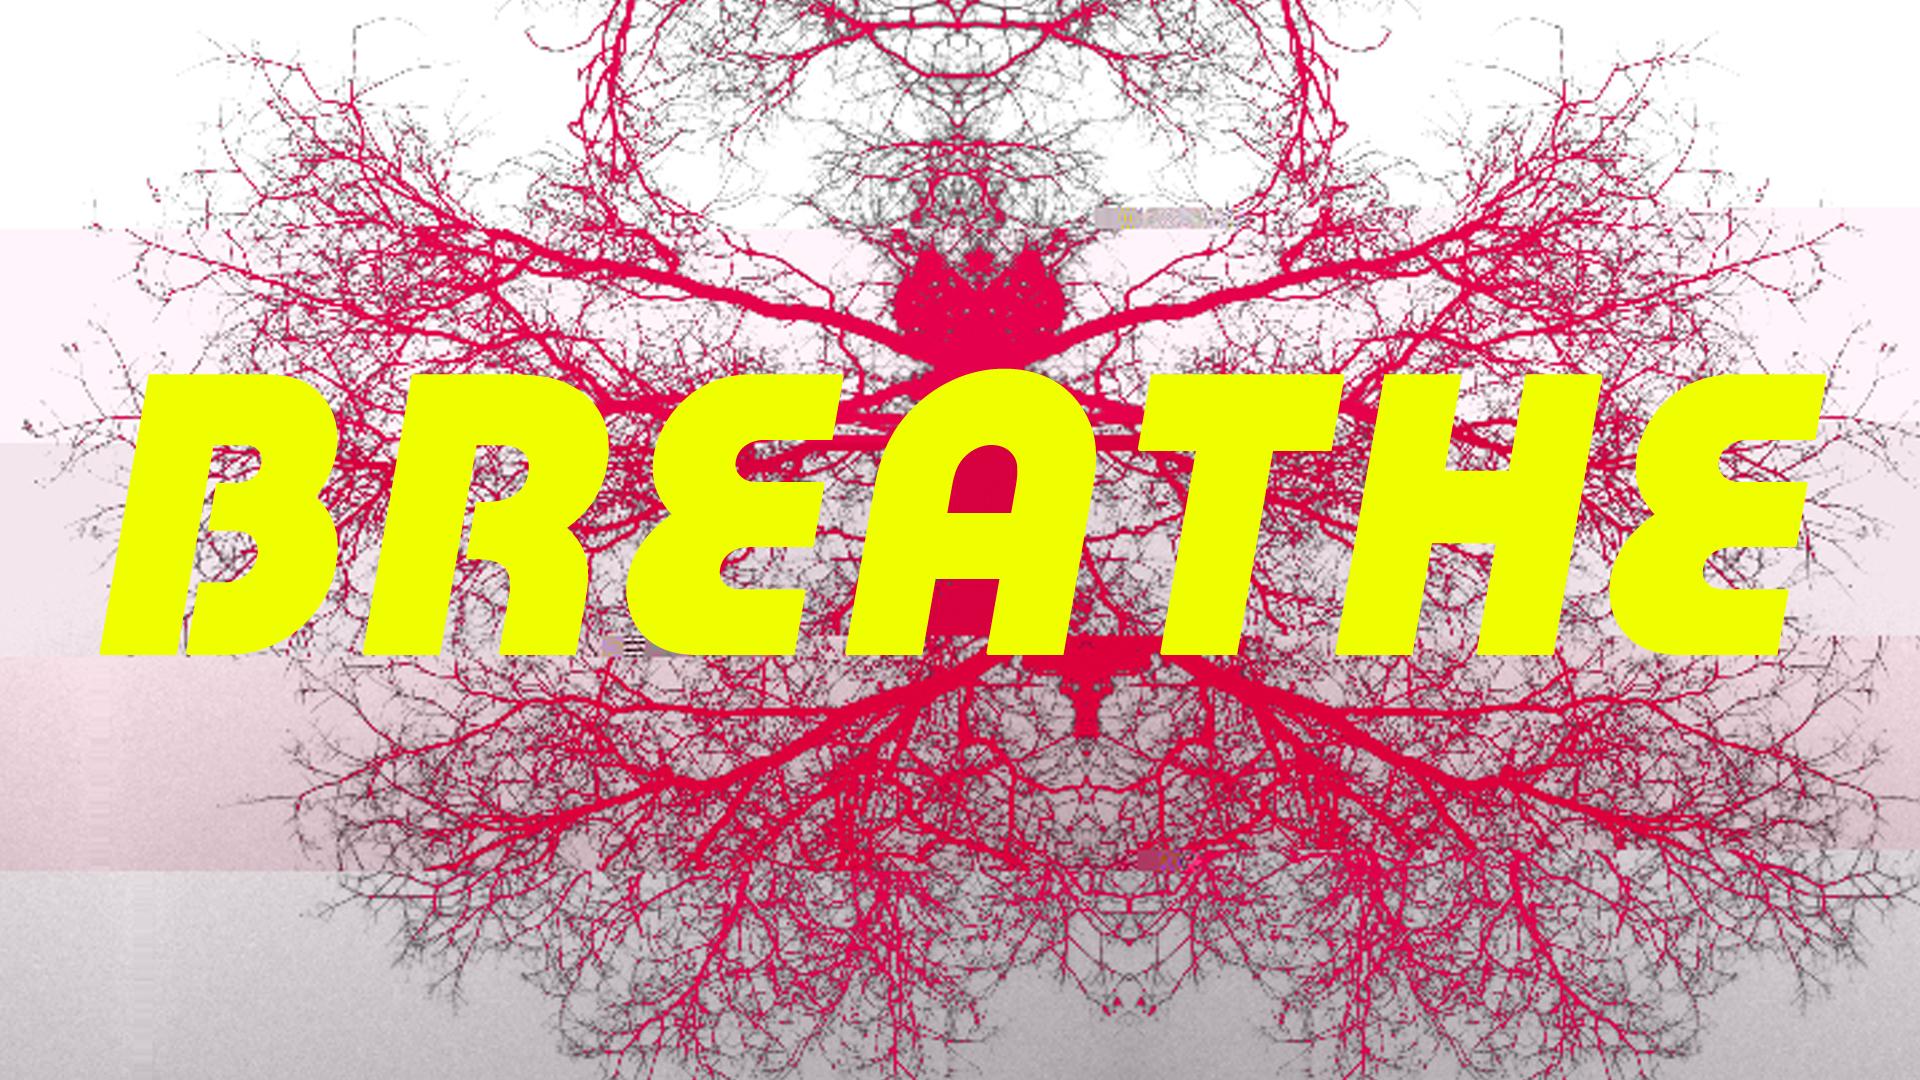 BREATHE_002